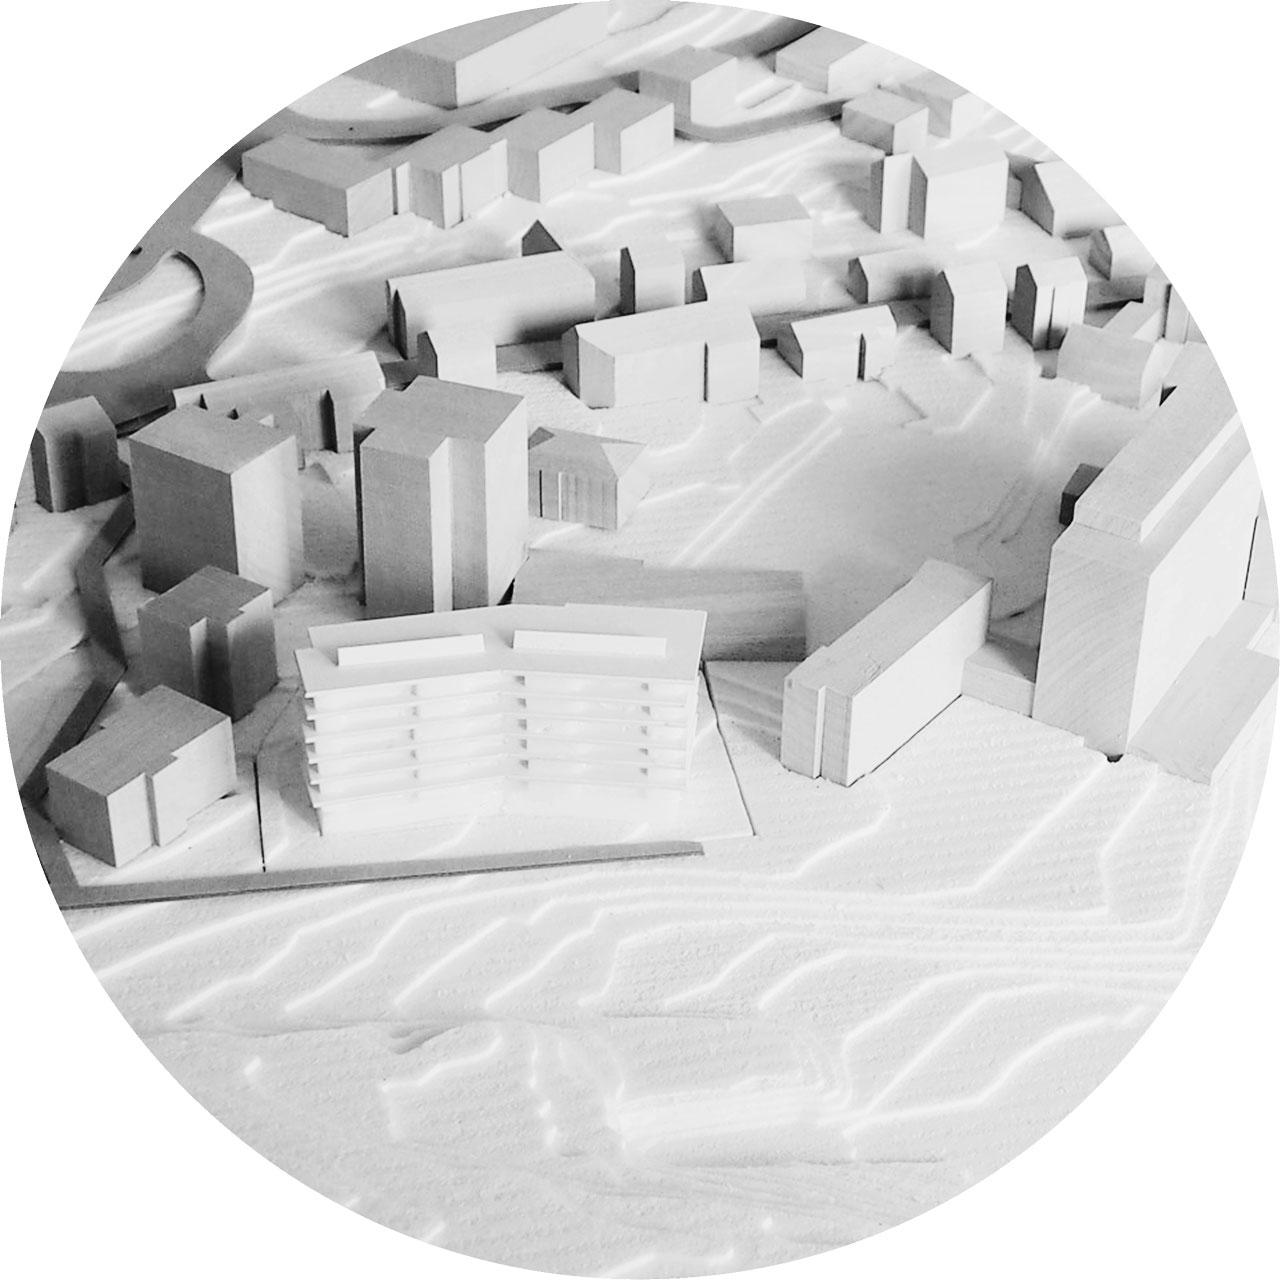 Drei Eins – Architektur- und Stadtplanungsbüro in Frankfurt Home